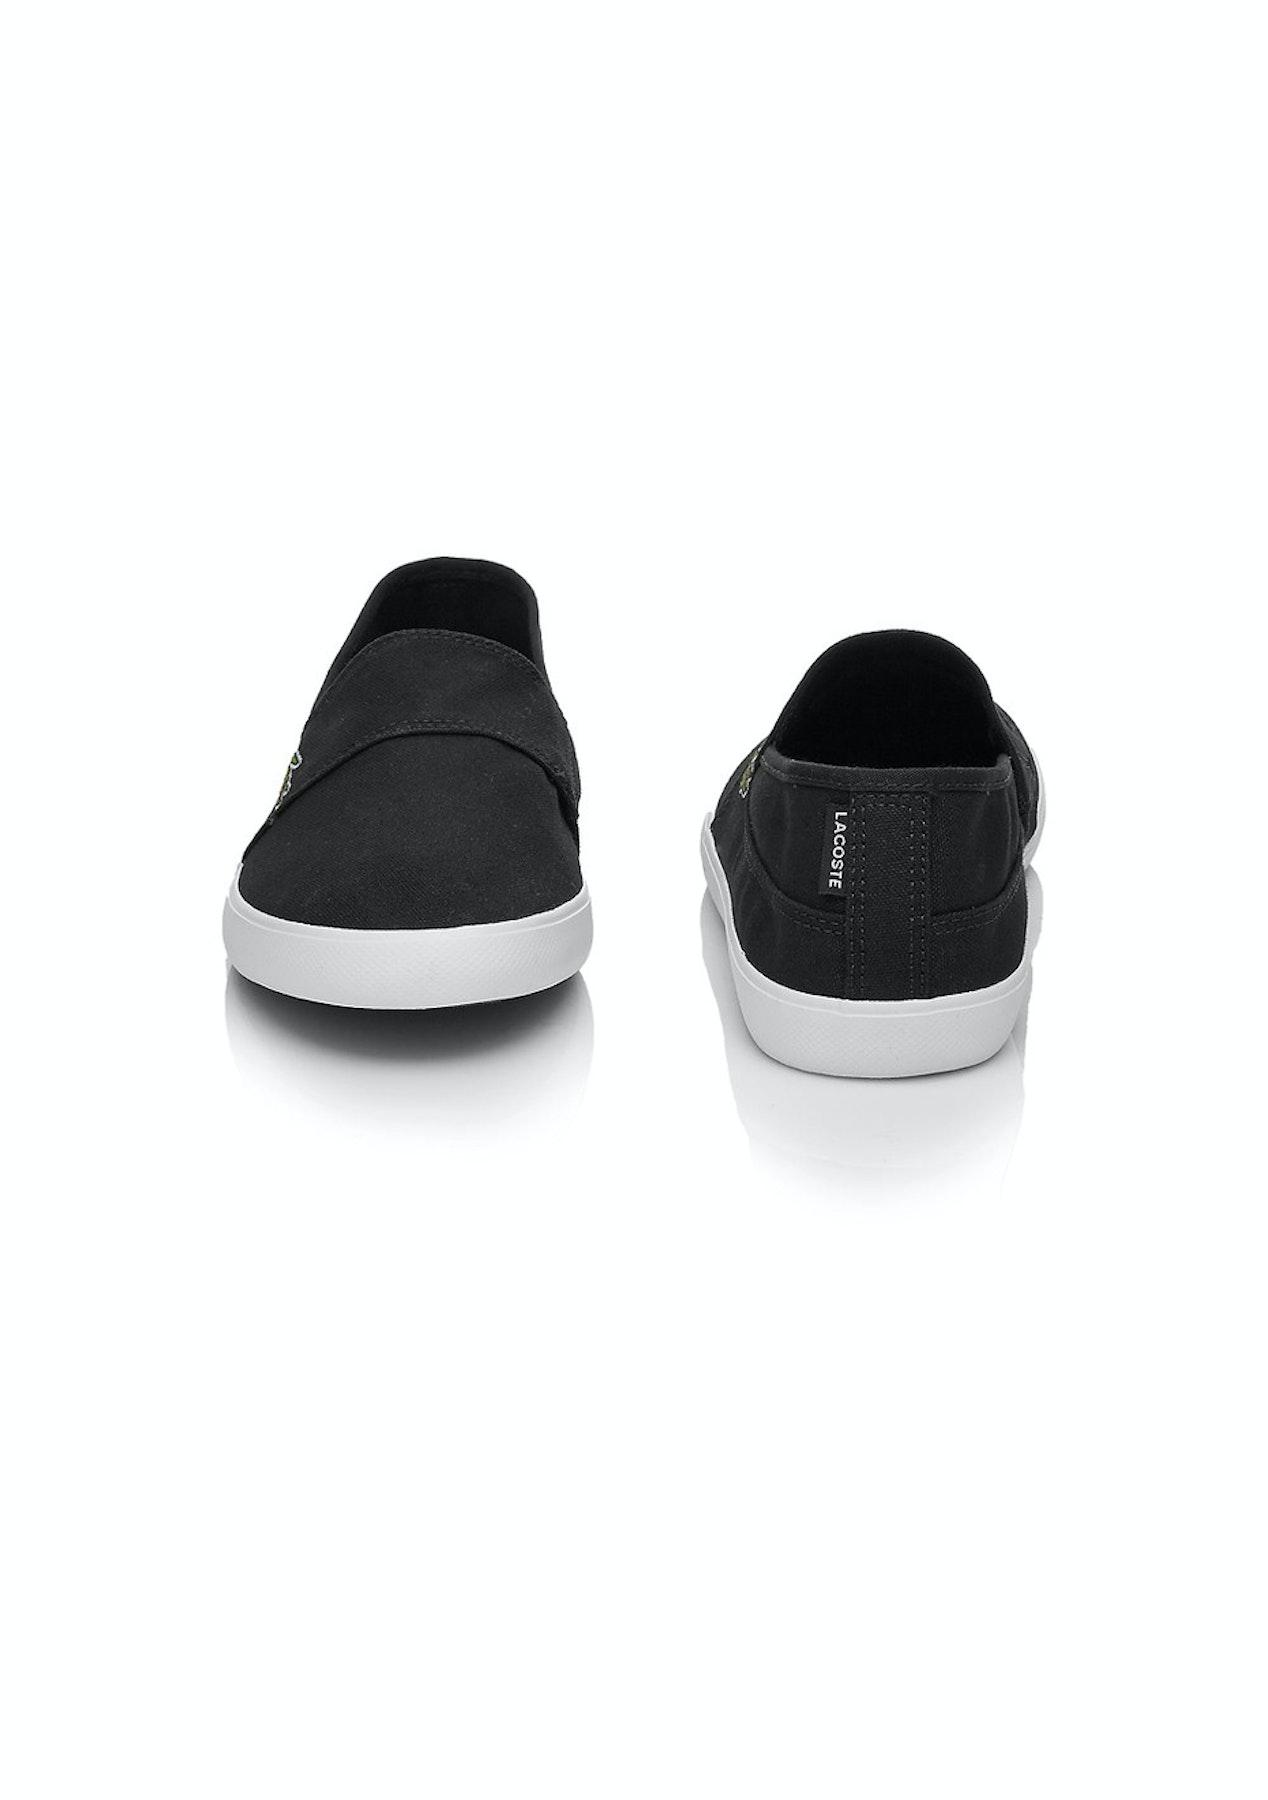 c7982009a Mens Lacoste - Marice Lcr - Black Black - Mens Shoe Sale - Onceit